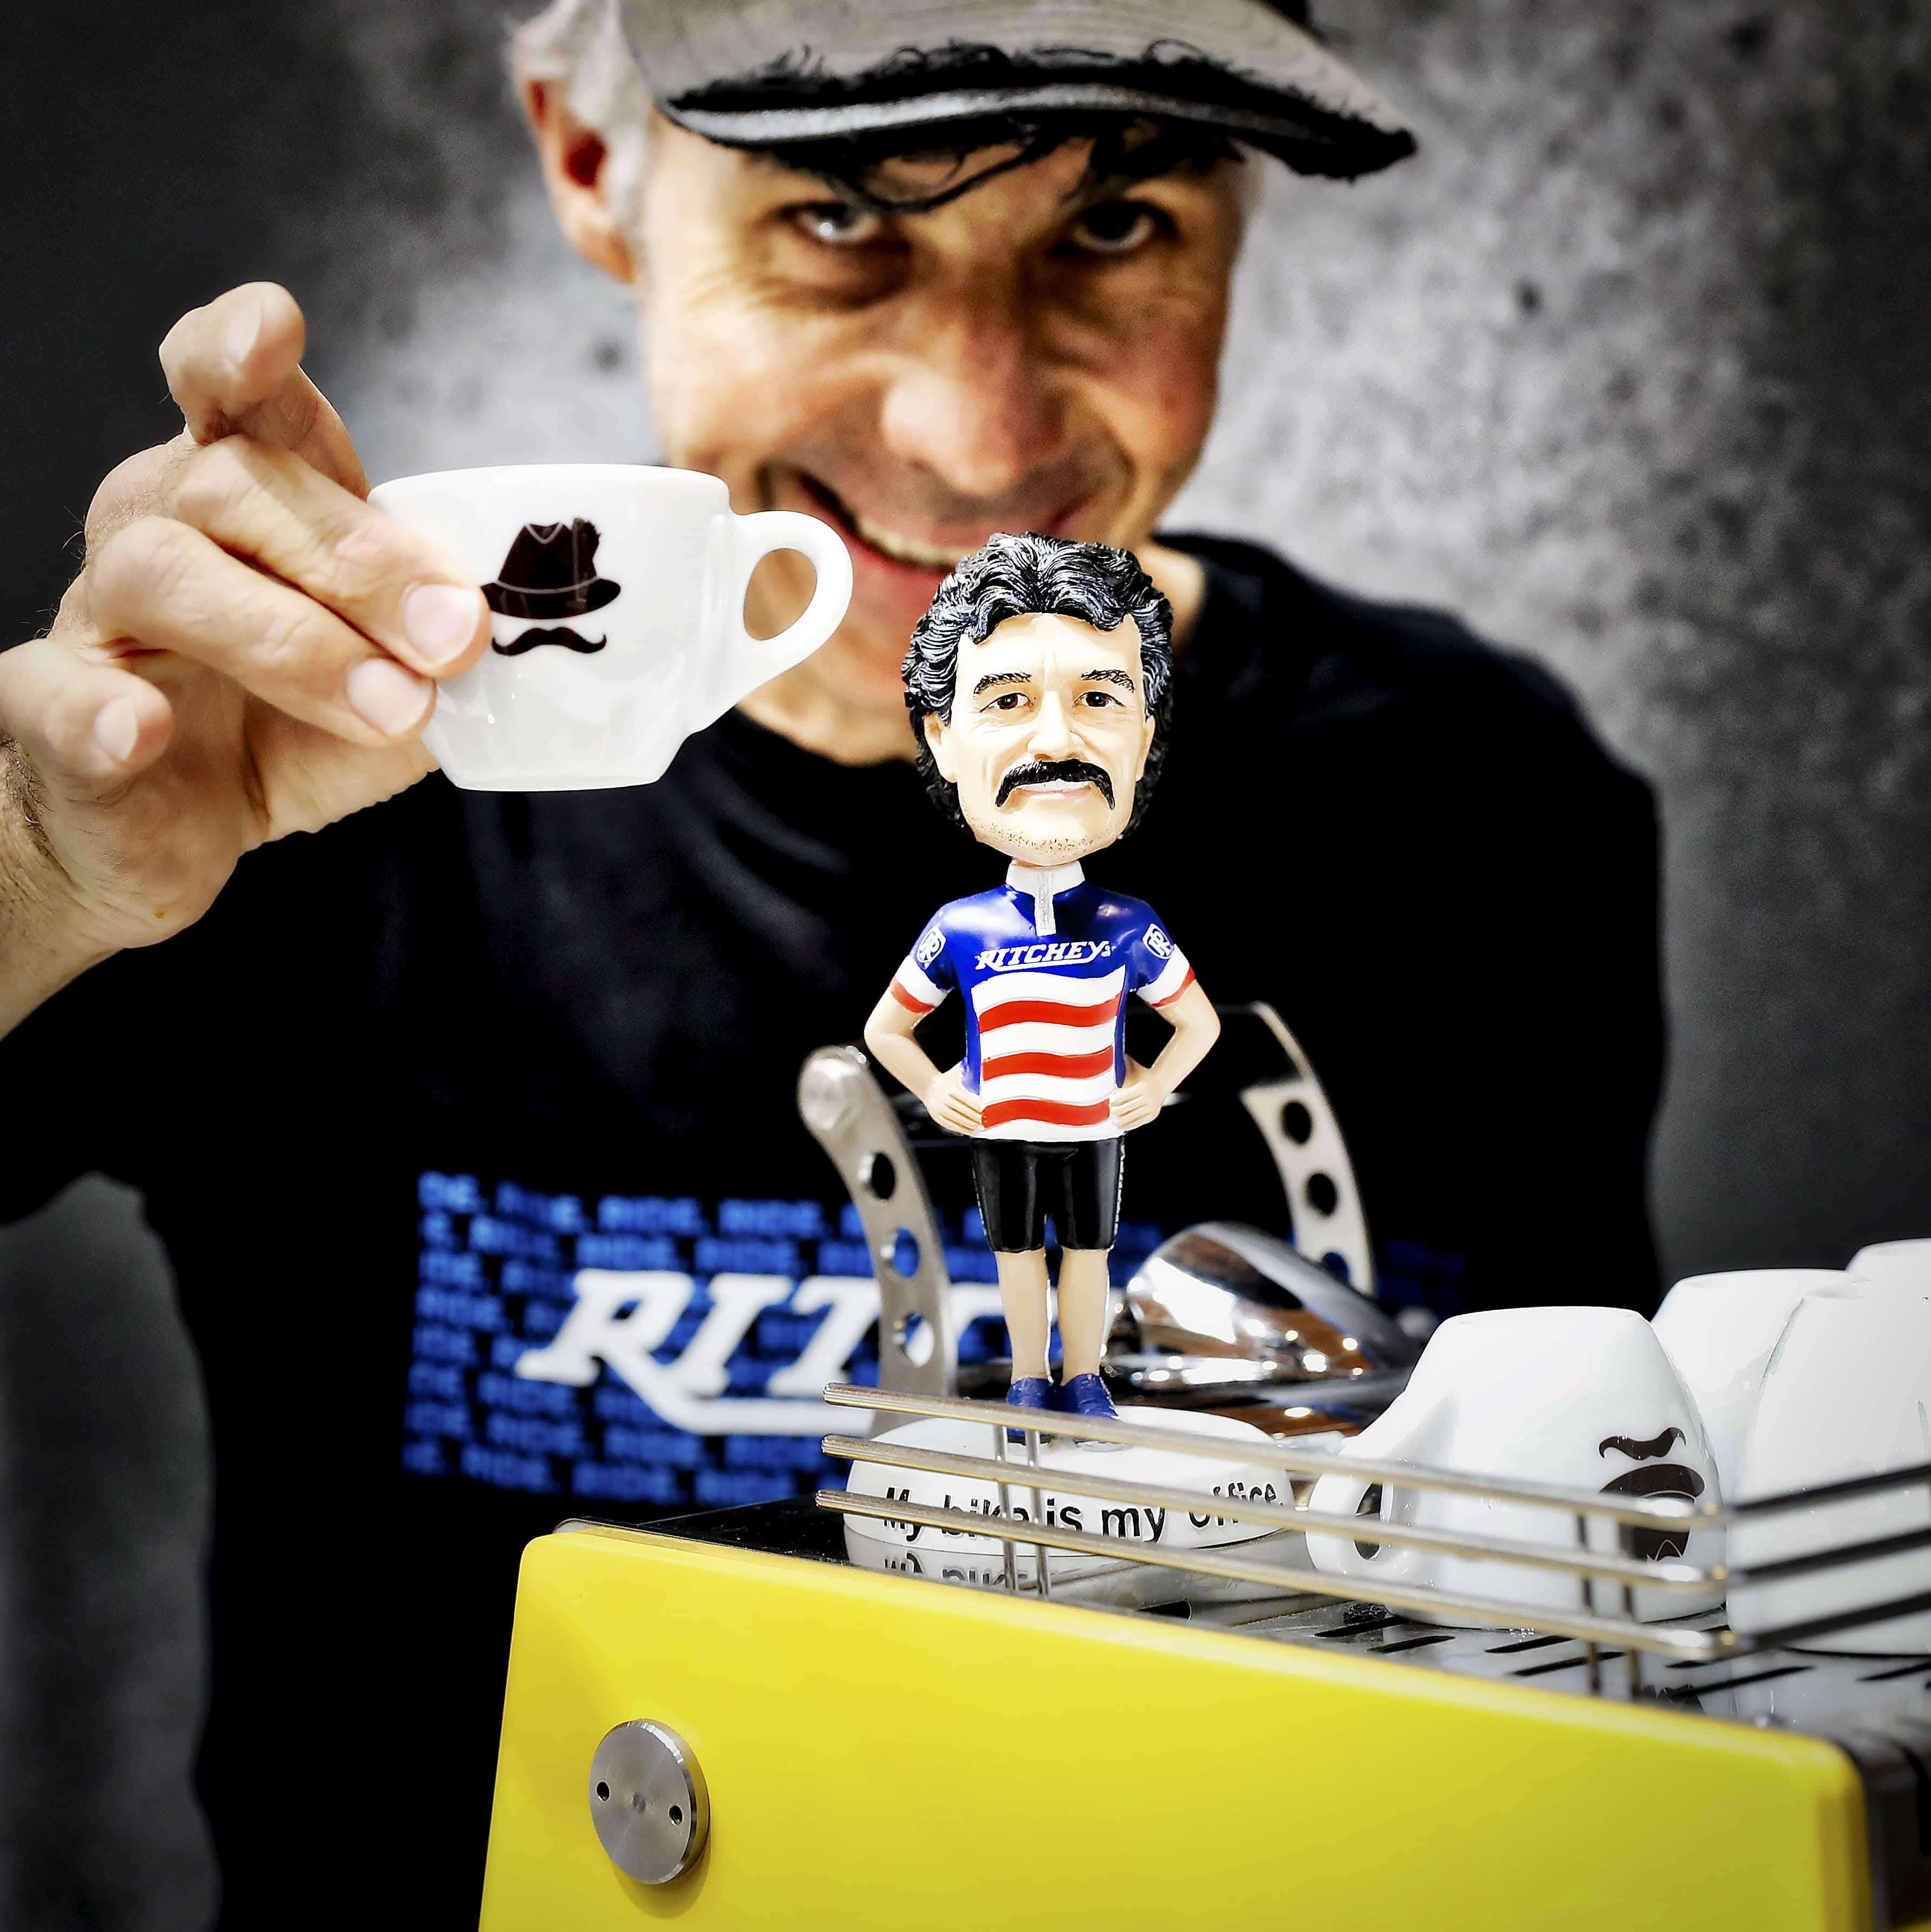 B1: Auf einen Kaffee mit Tom Ritchey (Wackelpuppe), Eigentümer der Firma Ritchey Design. Er gilt zusammen mit Joe Breeze und Gary Fisher als Erfinder des Mountainbikes. Eurobike Festival Day